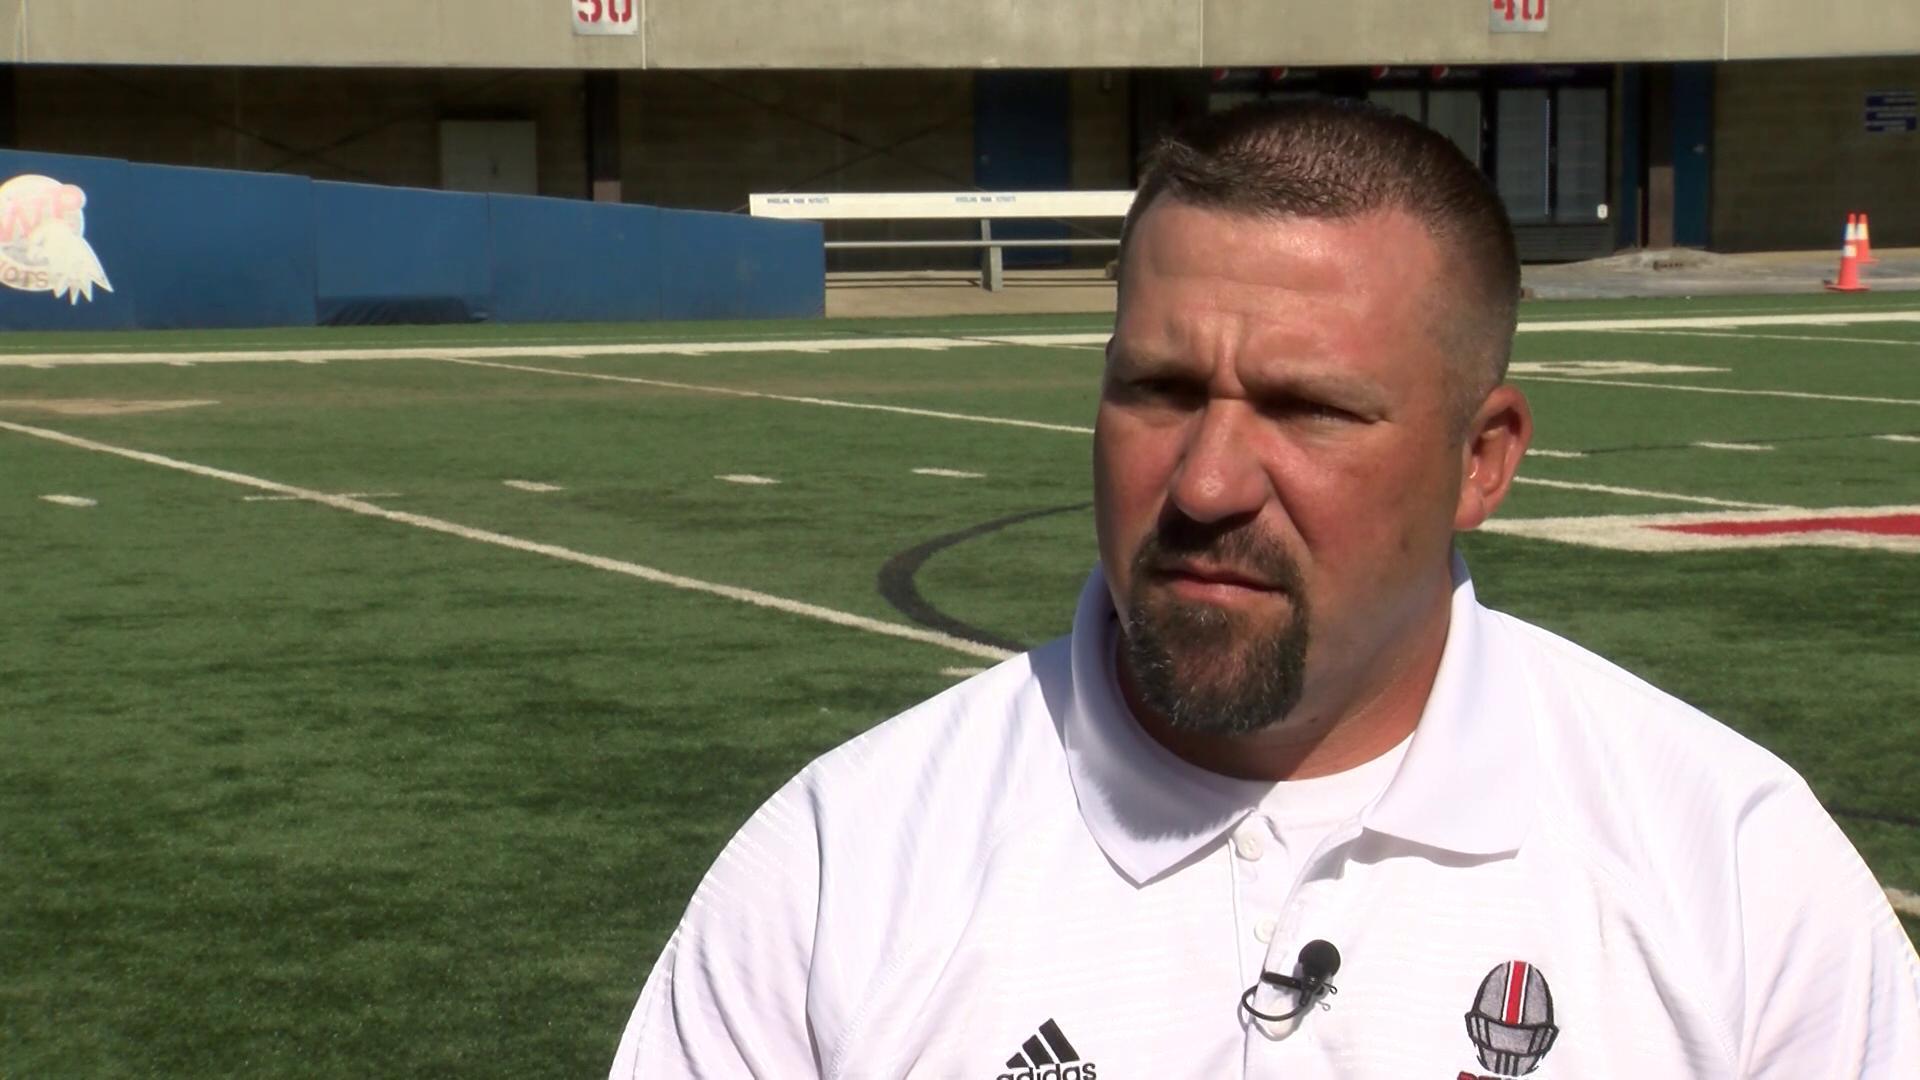 Coach Brett McLean